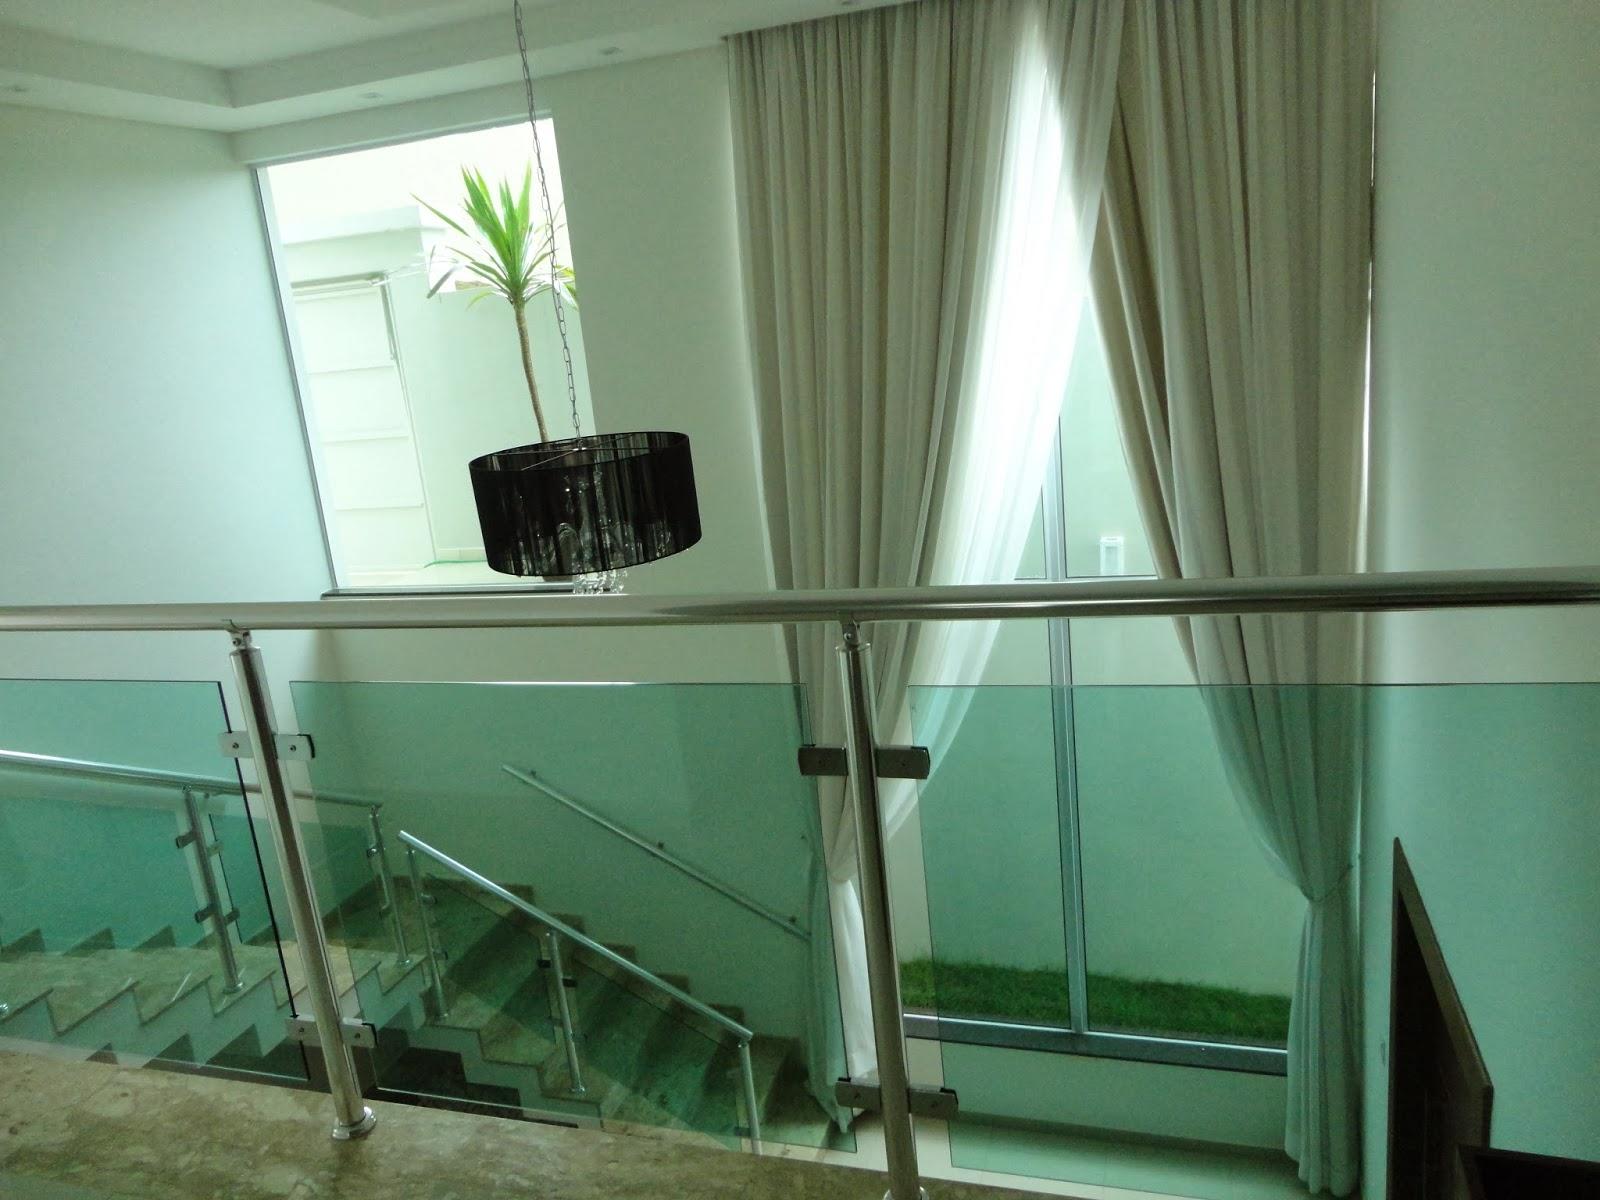 de ideias pra colocar nichos e penduradores de toalhas no banheiro  #5B913A 1600 1200